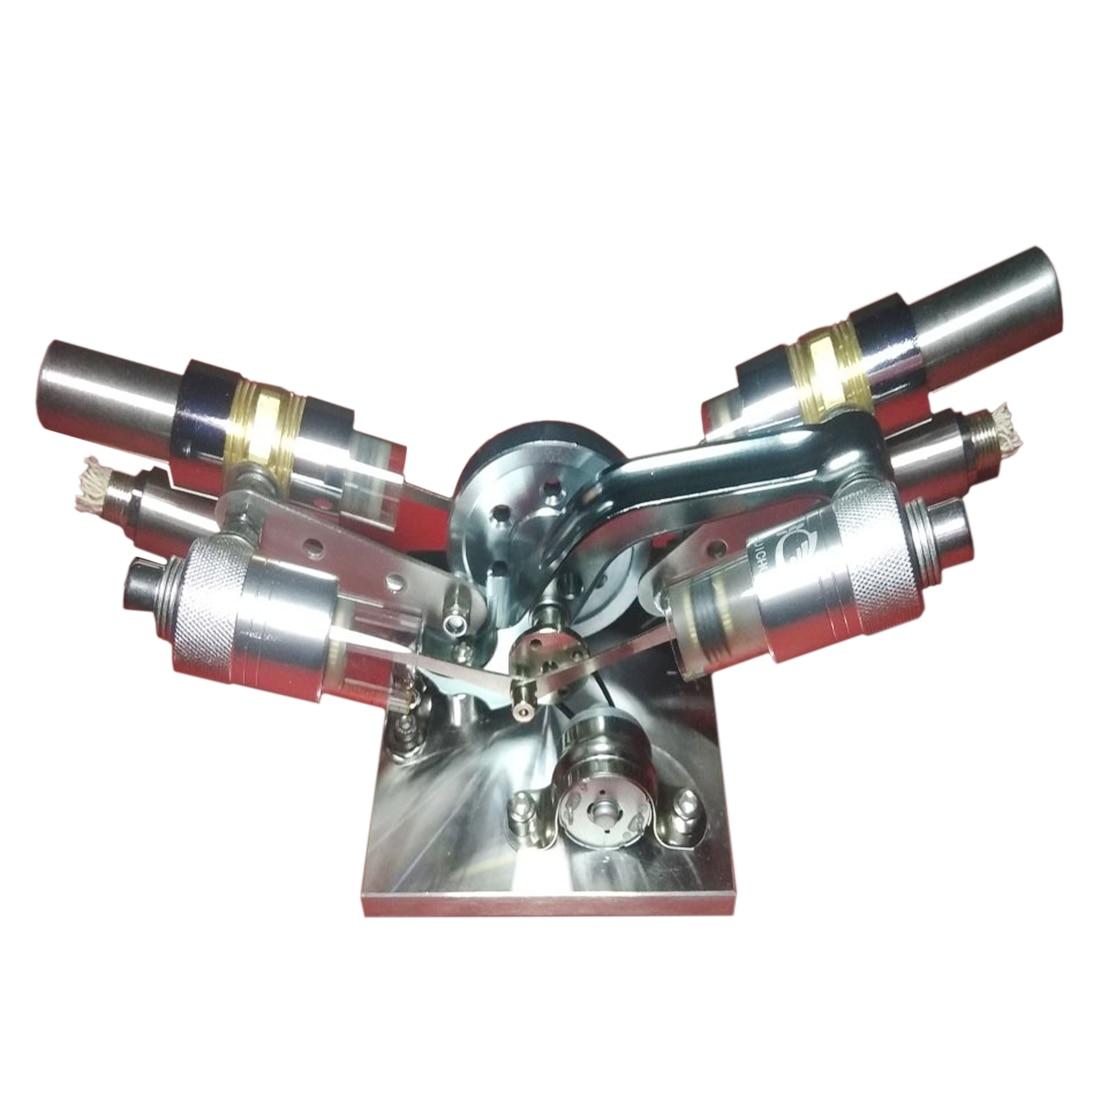 Métal de haute puissance Cylindre Chaud Double-cylindre Stirling modèle pour moteur À Combustion Externe jouet éducatif pour L'enfant L'apprentissage Des Sciences